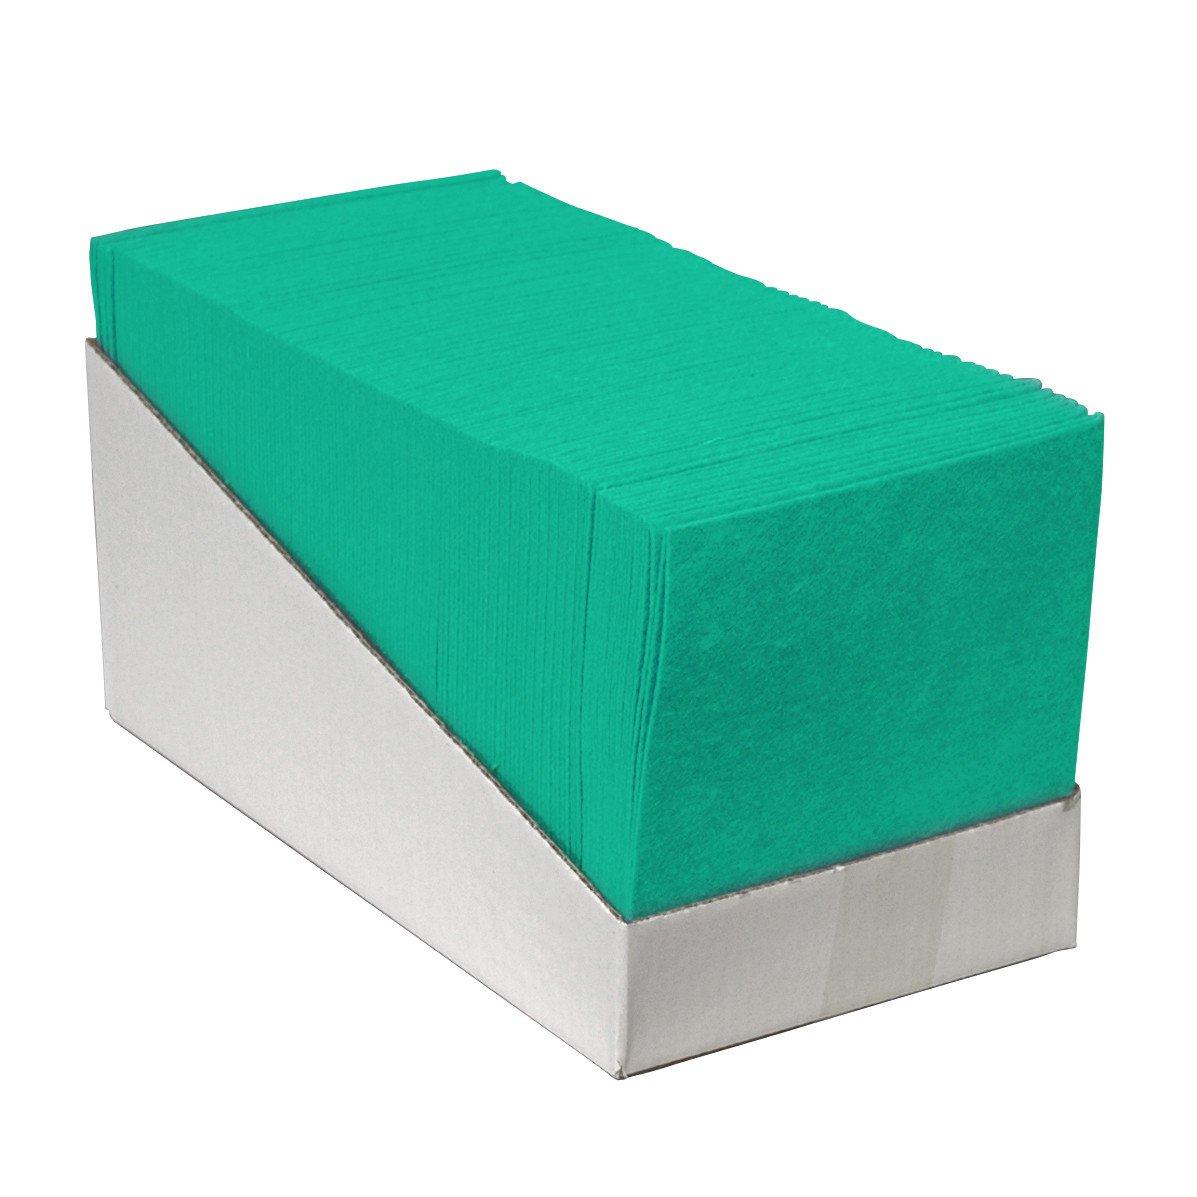 Euro Products | Reinigingsdoek | Groen | 38 x 40 cm | Doos 200 stuks